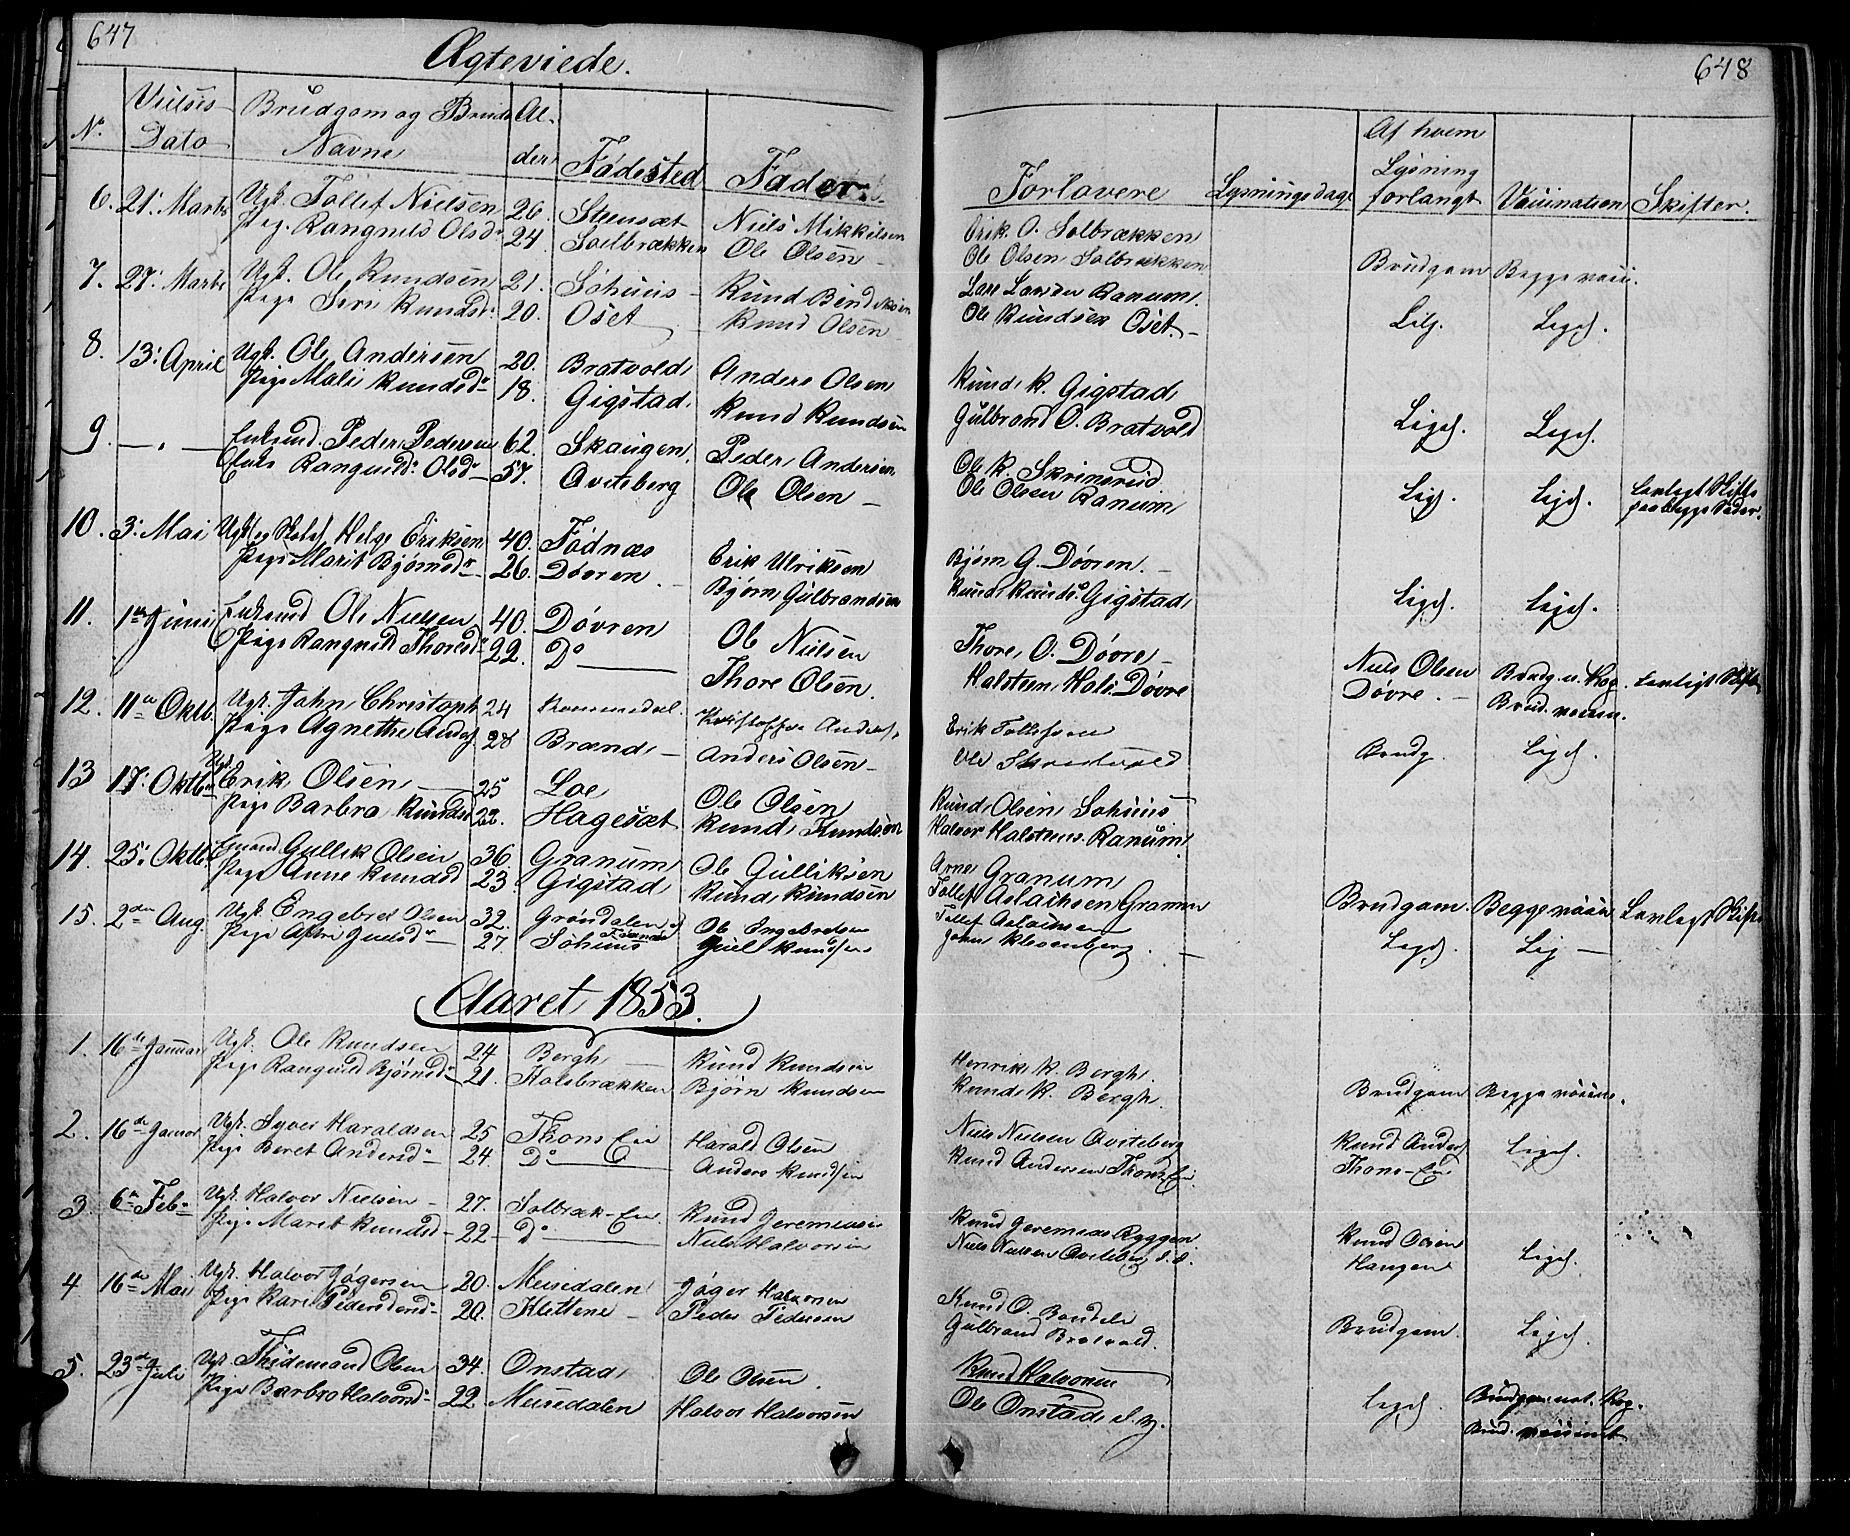 SAH, Nord-Aurdal prestekontor, Klokkerbok nr. 1, 1834-1887, s. 647-648